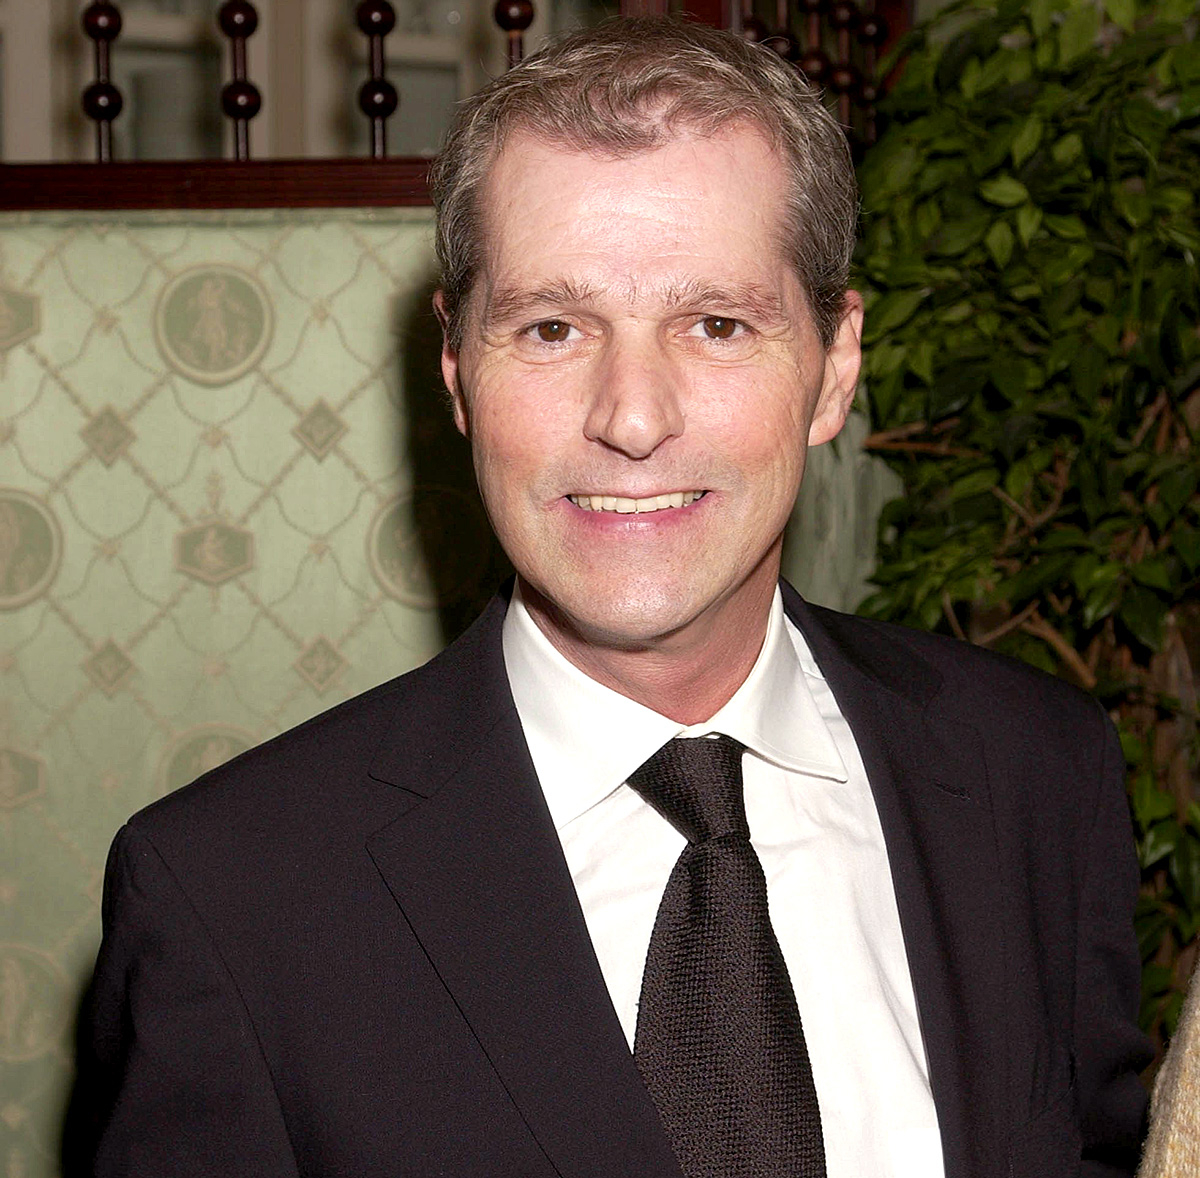 Daniel Dion, Celine Dion's brother